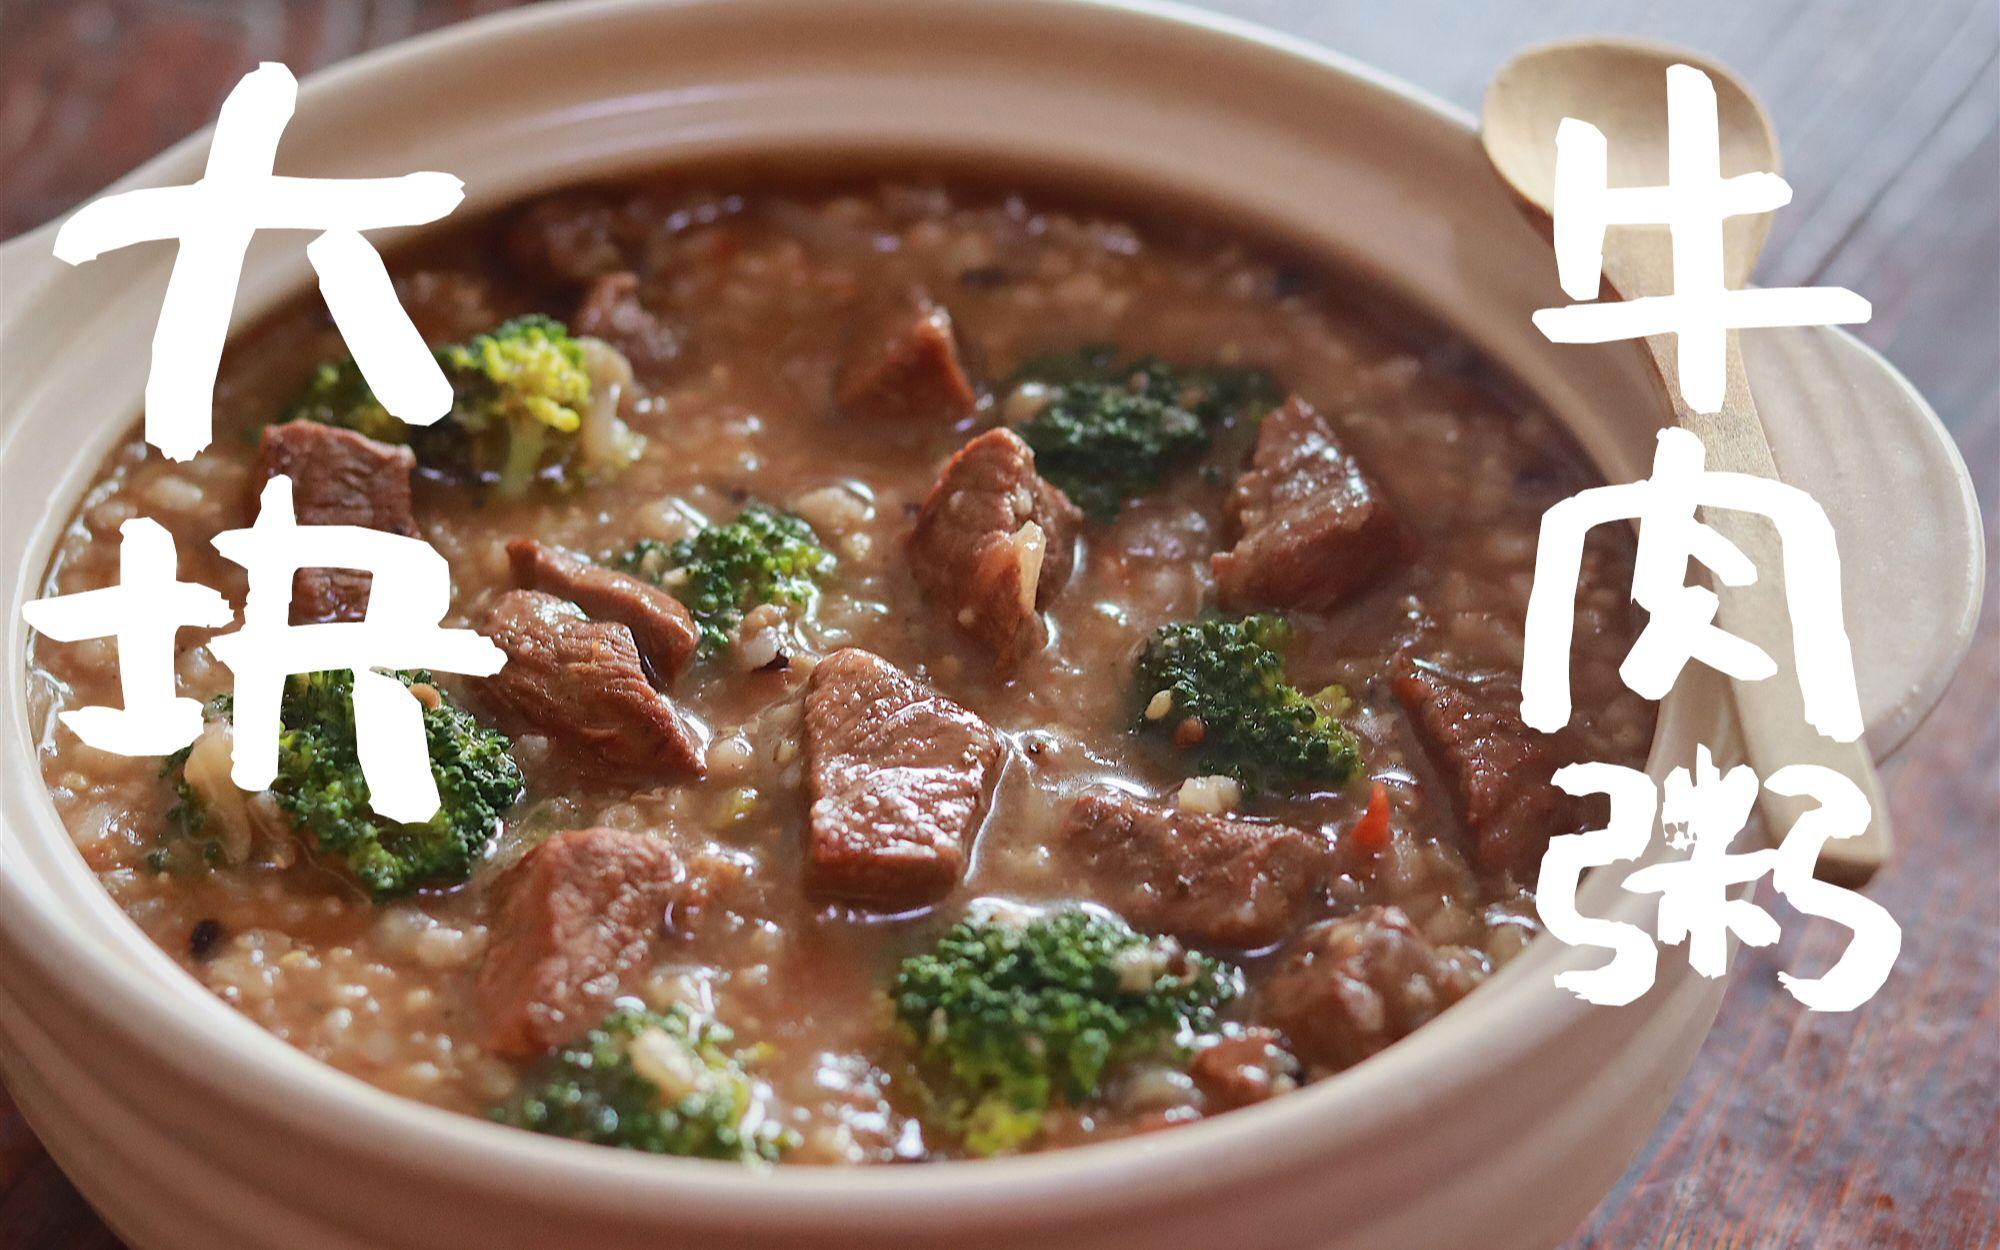 半斤牛肉、一碗粥! 大块【牛肉粥】满足嘴馋女生的减脂硬菜!